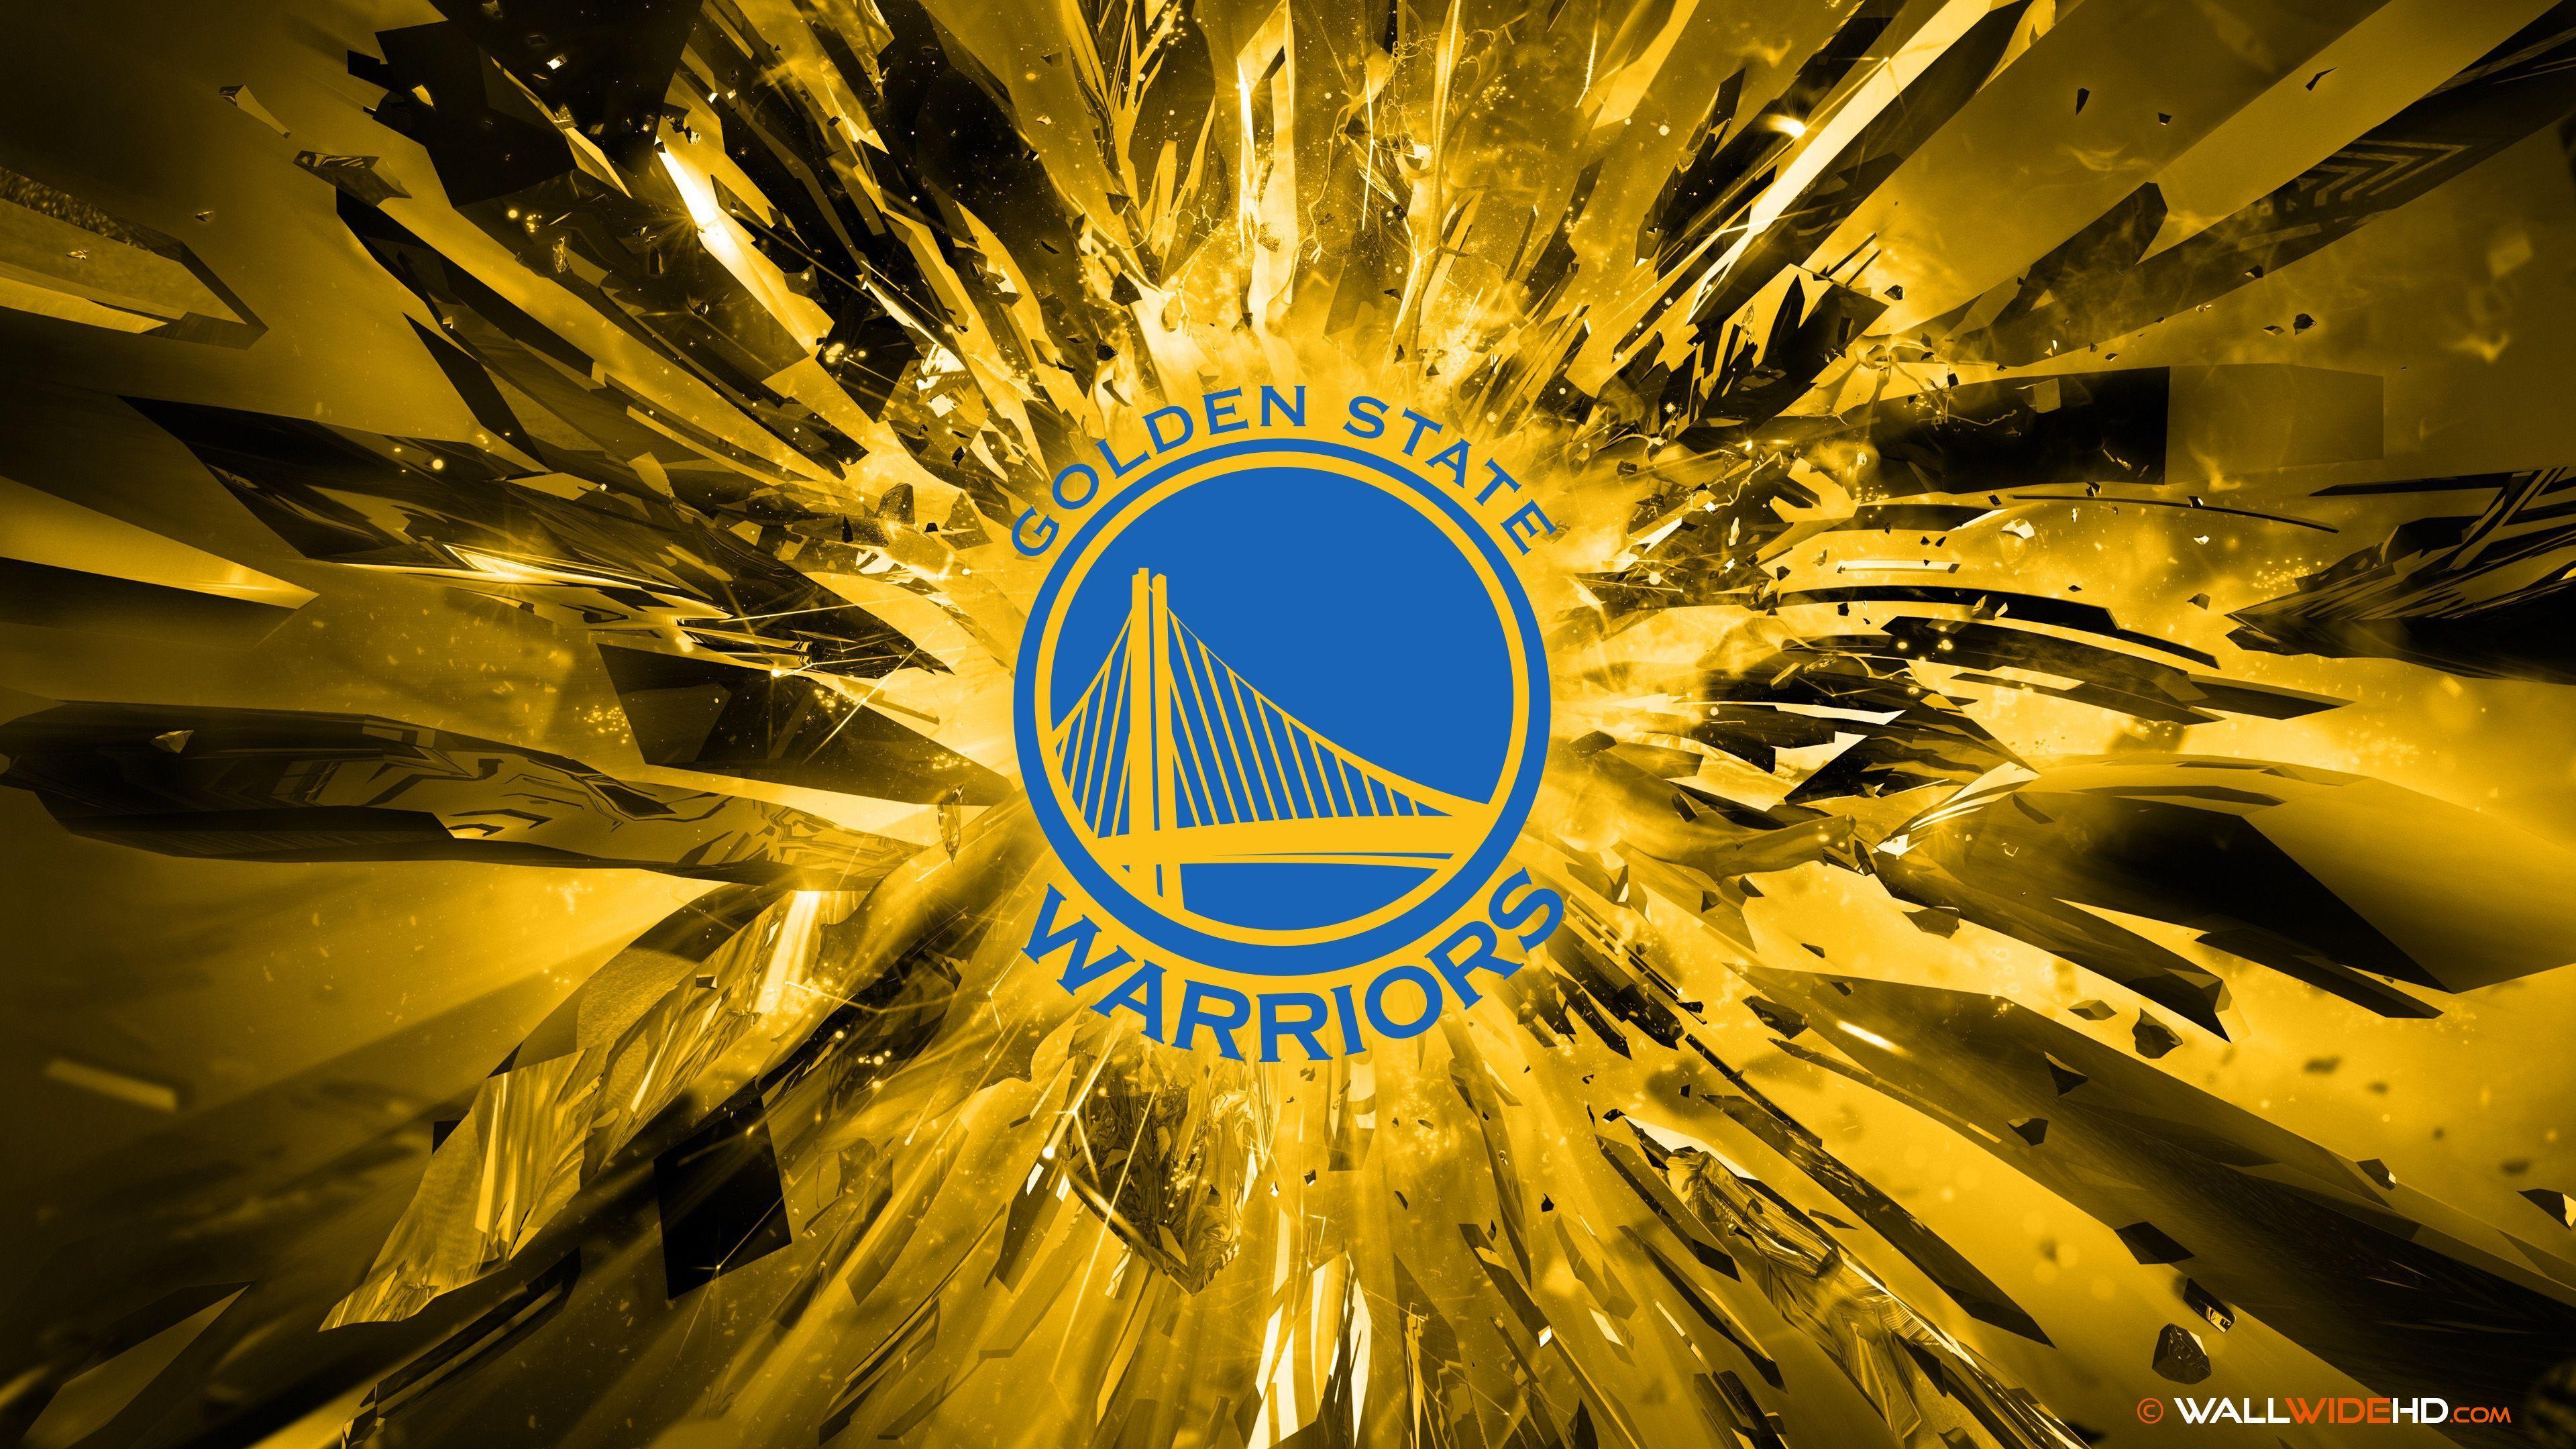 Cool Golden State Warriors , HD Wallpaper & Backgrounds